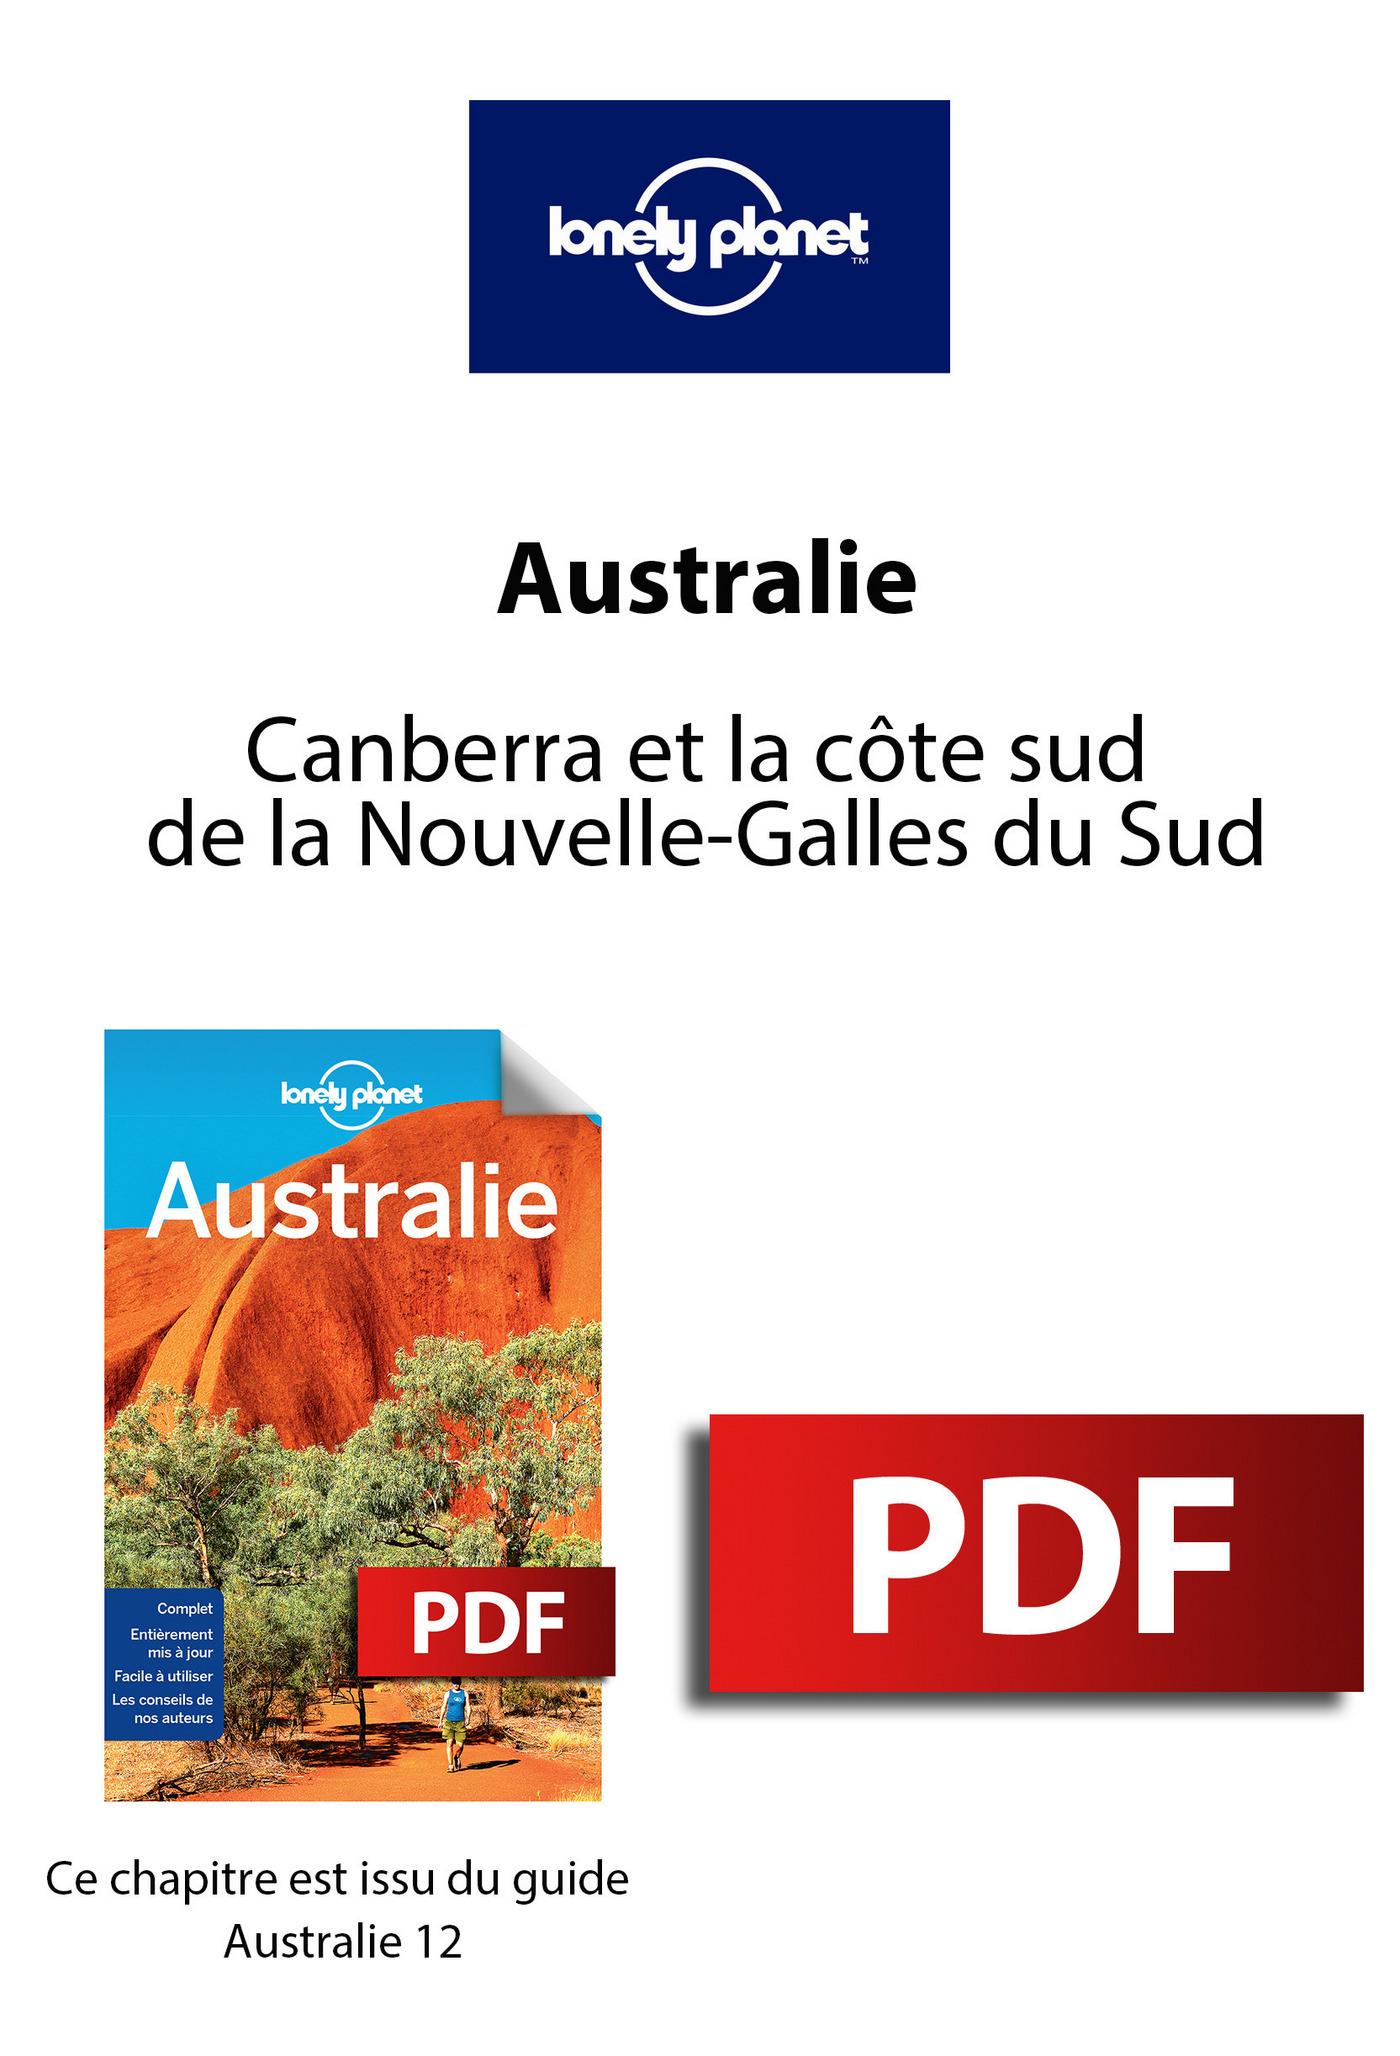 Australie - Canberra et la côte sud de la Nouvelle-Galles du Sud